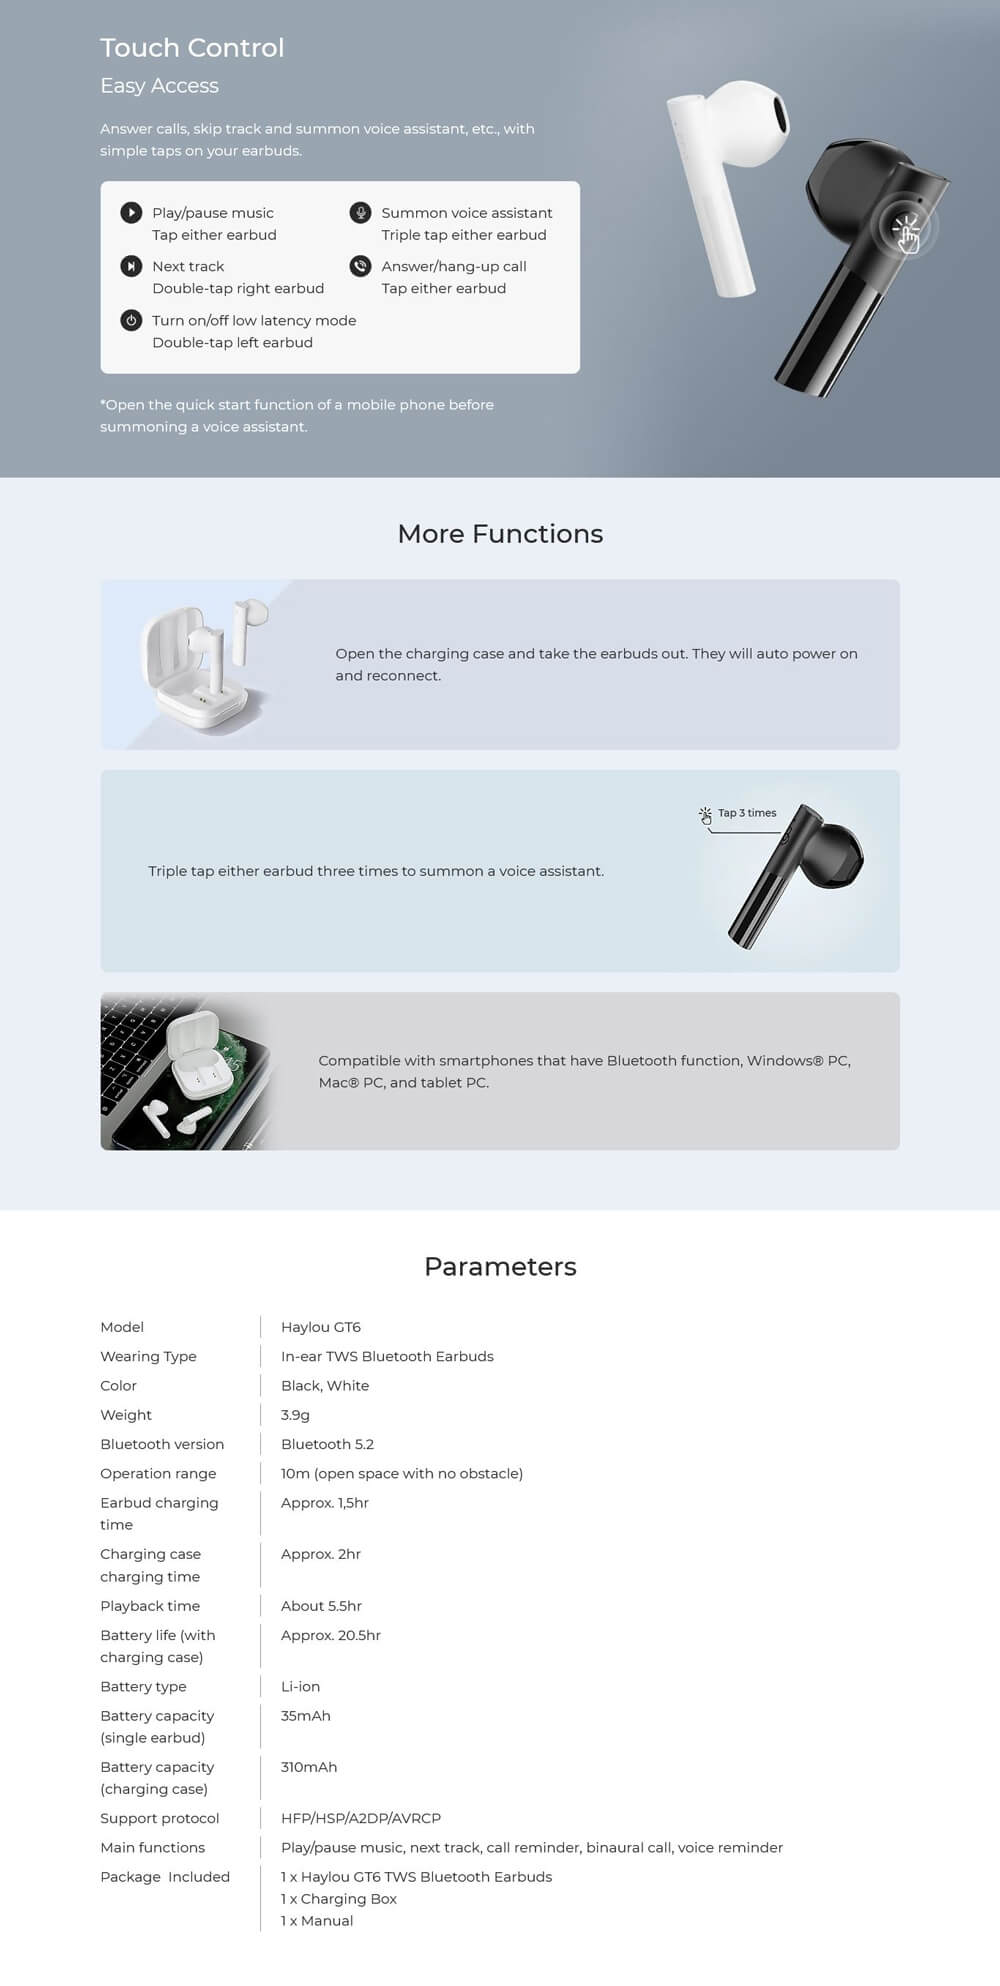 هندزفری بلوتوثی هایلو GT6 - Haylou GT6 TWS Earphones